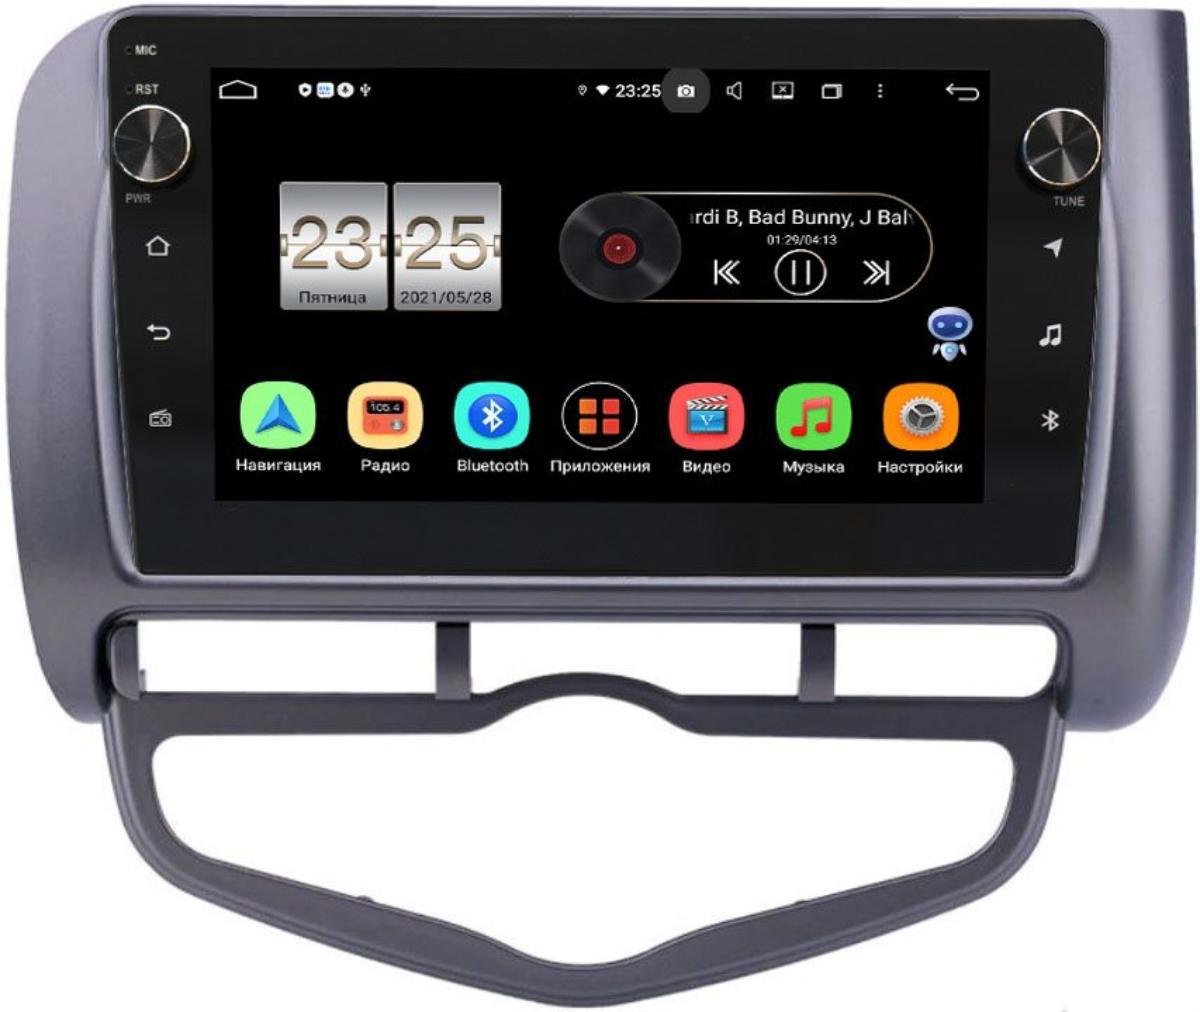 Штатная магнитола Honda Jazz I 2001-2008 (левый руль) LeTrun BPX609-9267 на Android 10 (4/64, DSP, IPS, с голосовым ассистентом, с крутилками) (+ Камера заднего вида в подарок!)